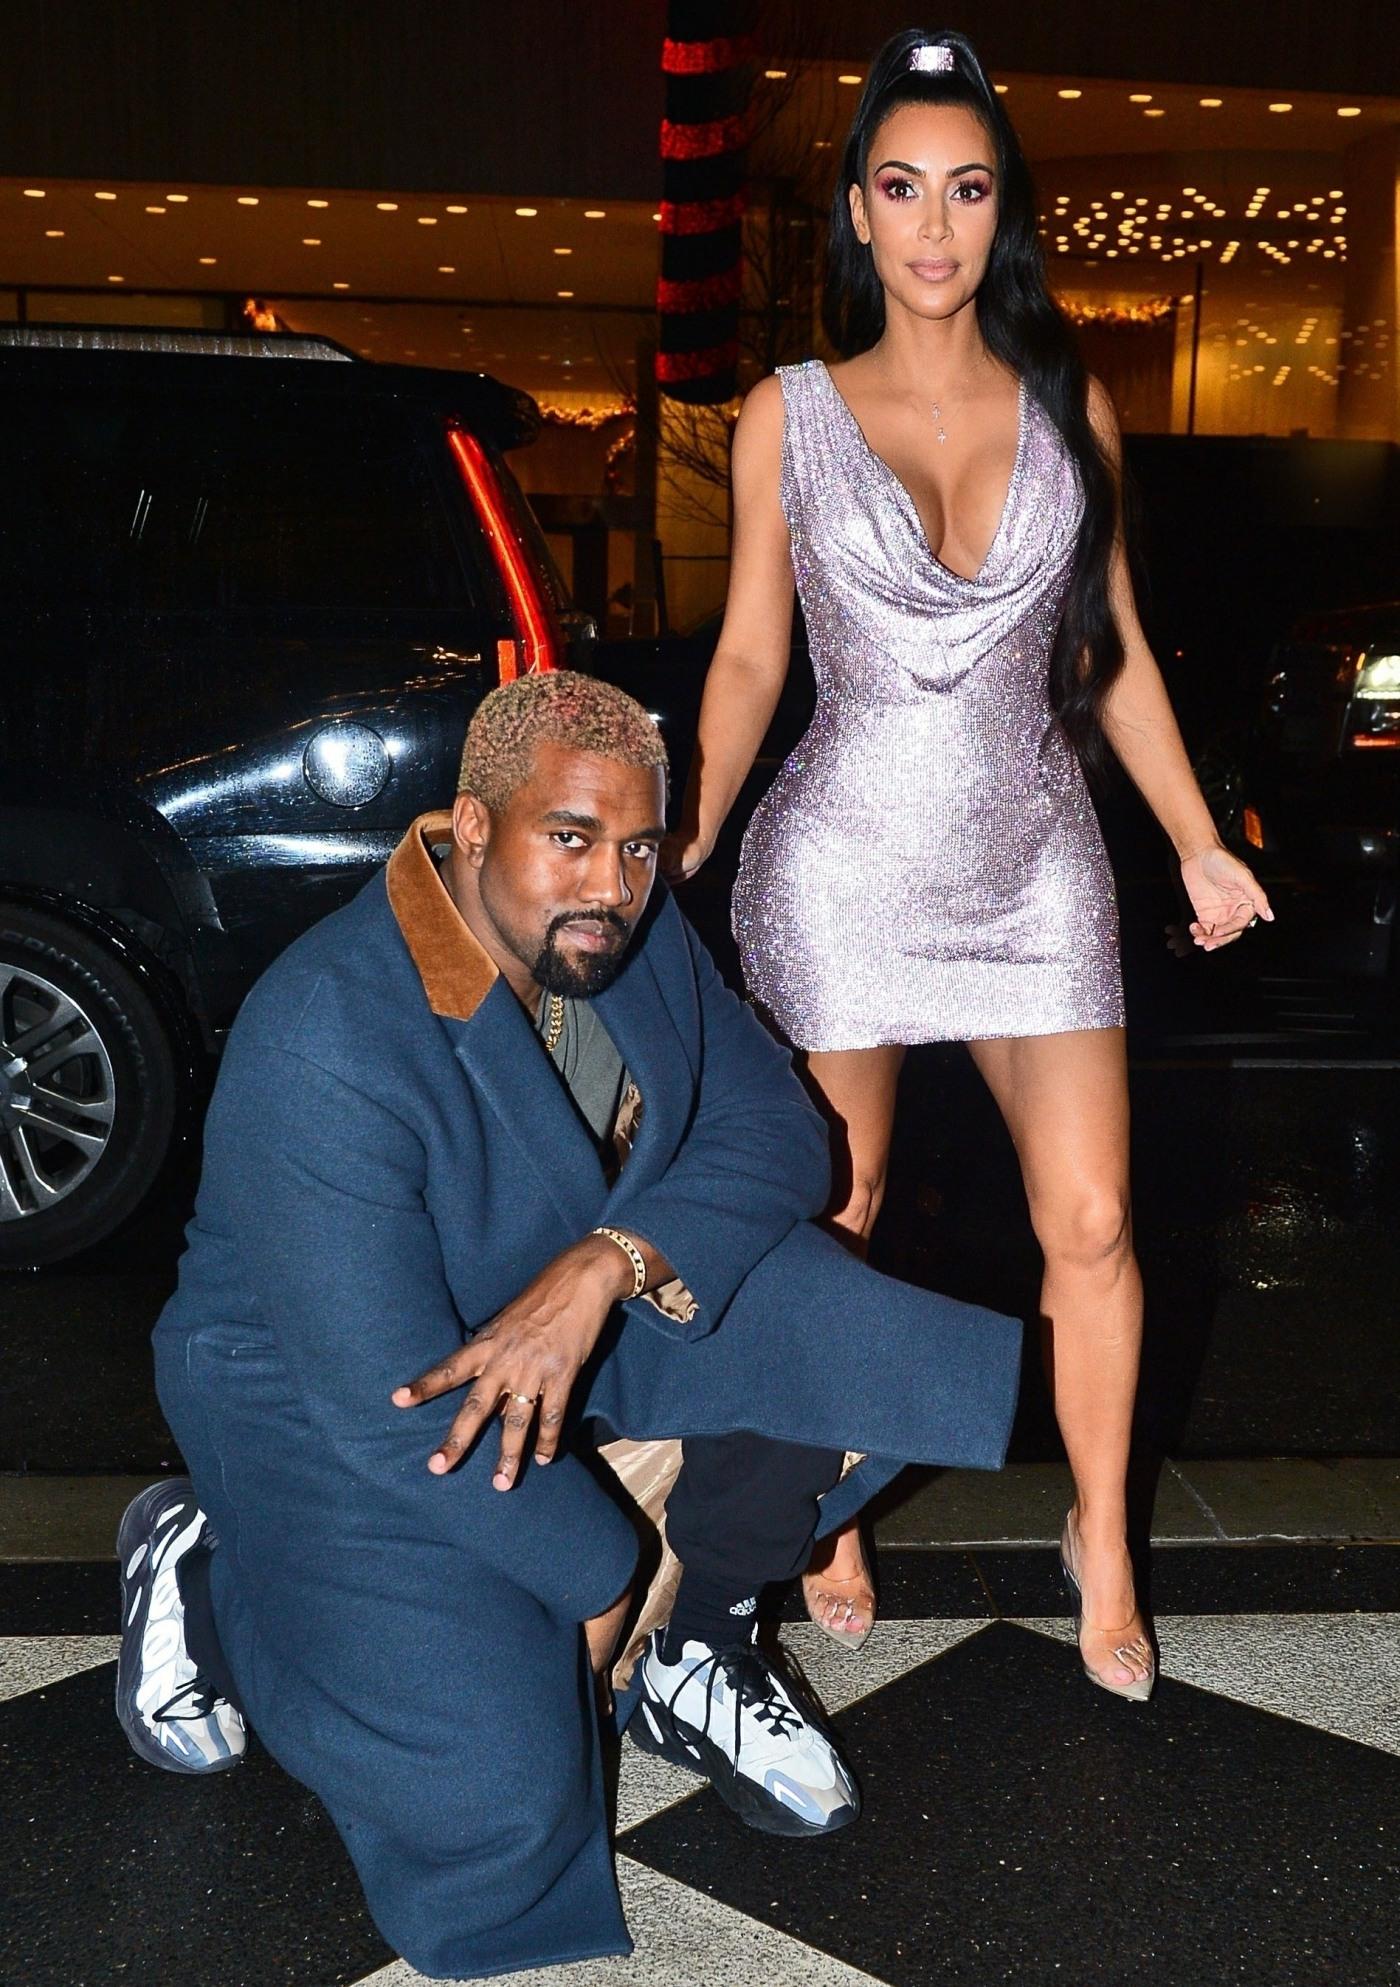 Kim Kardashian Diane Kruger Brought Their Men To The Nyc Versace